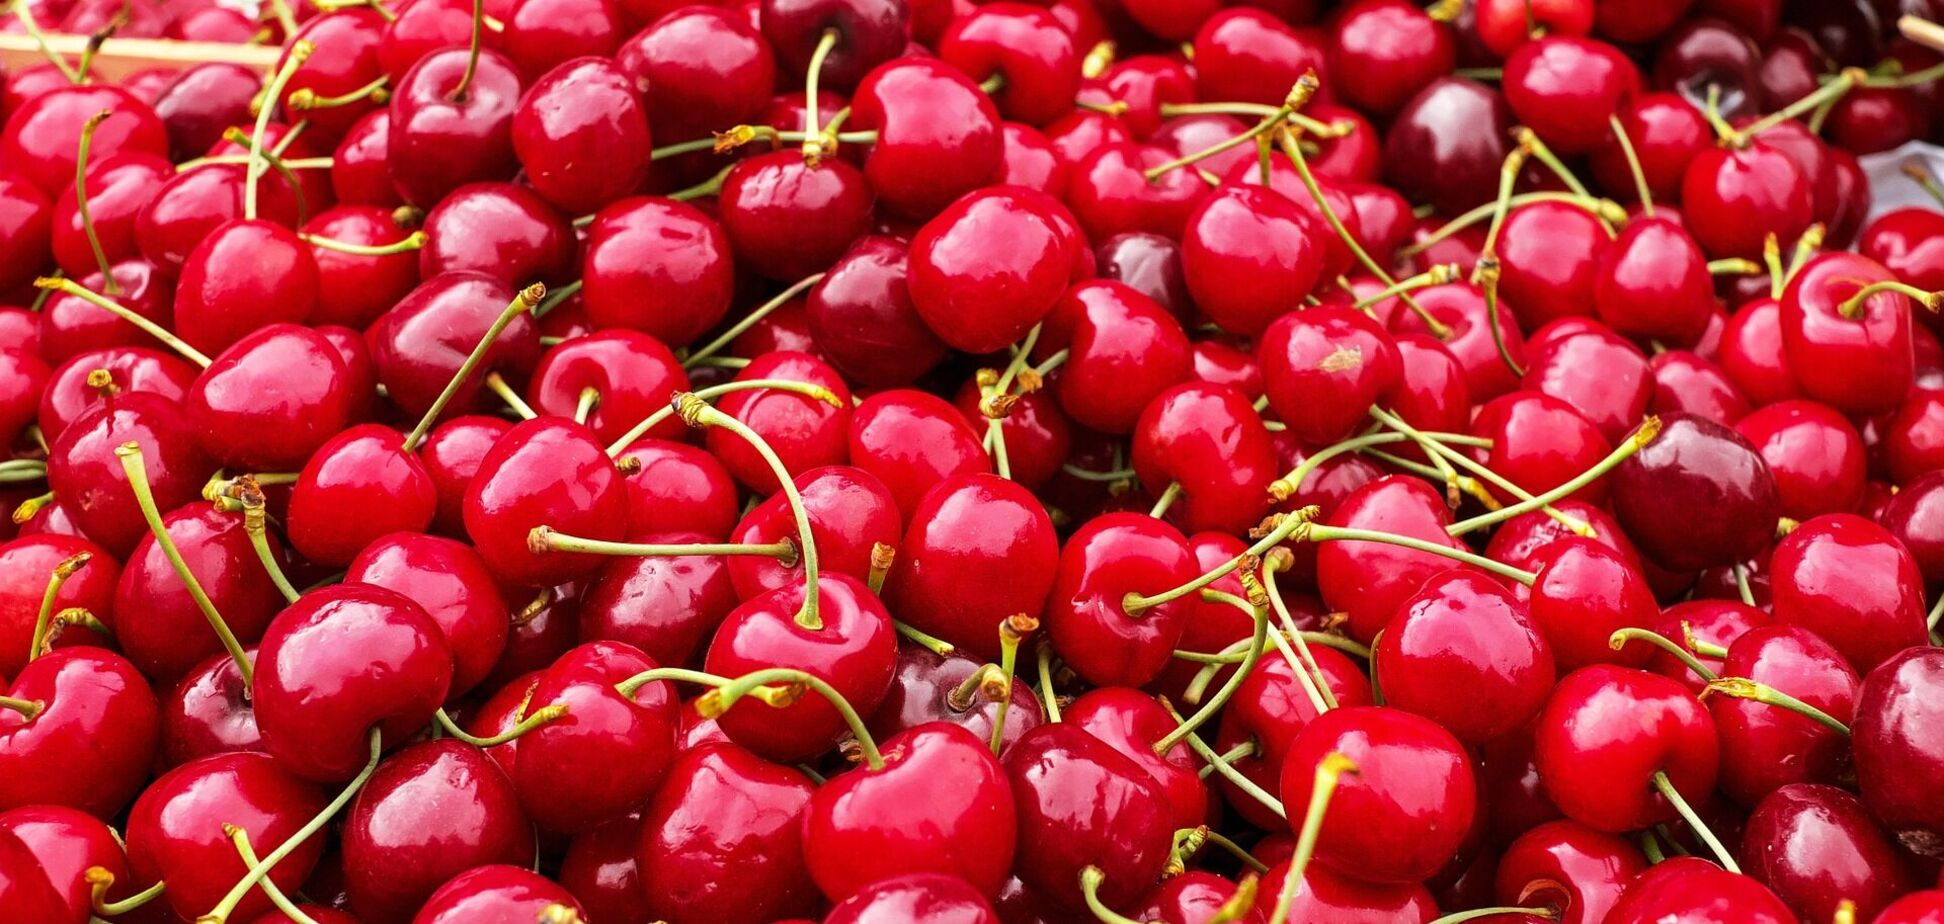 Цены на ягоды и фрукты в Украине в 2021-м вырастут